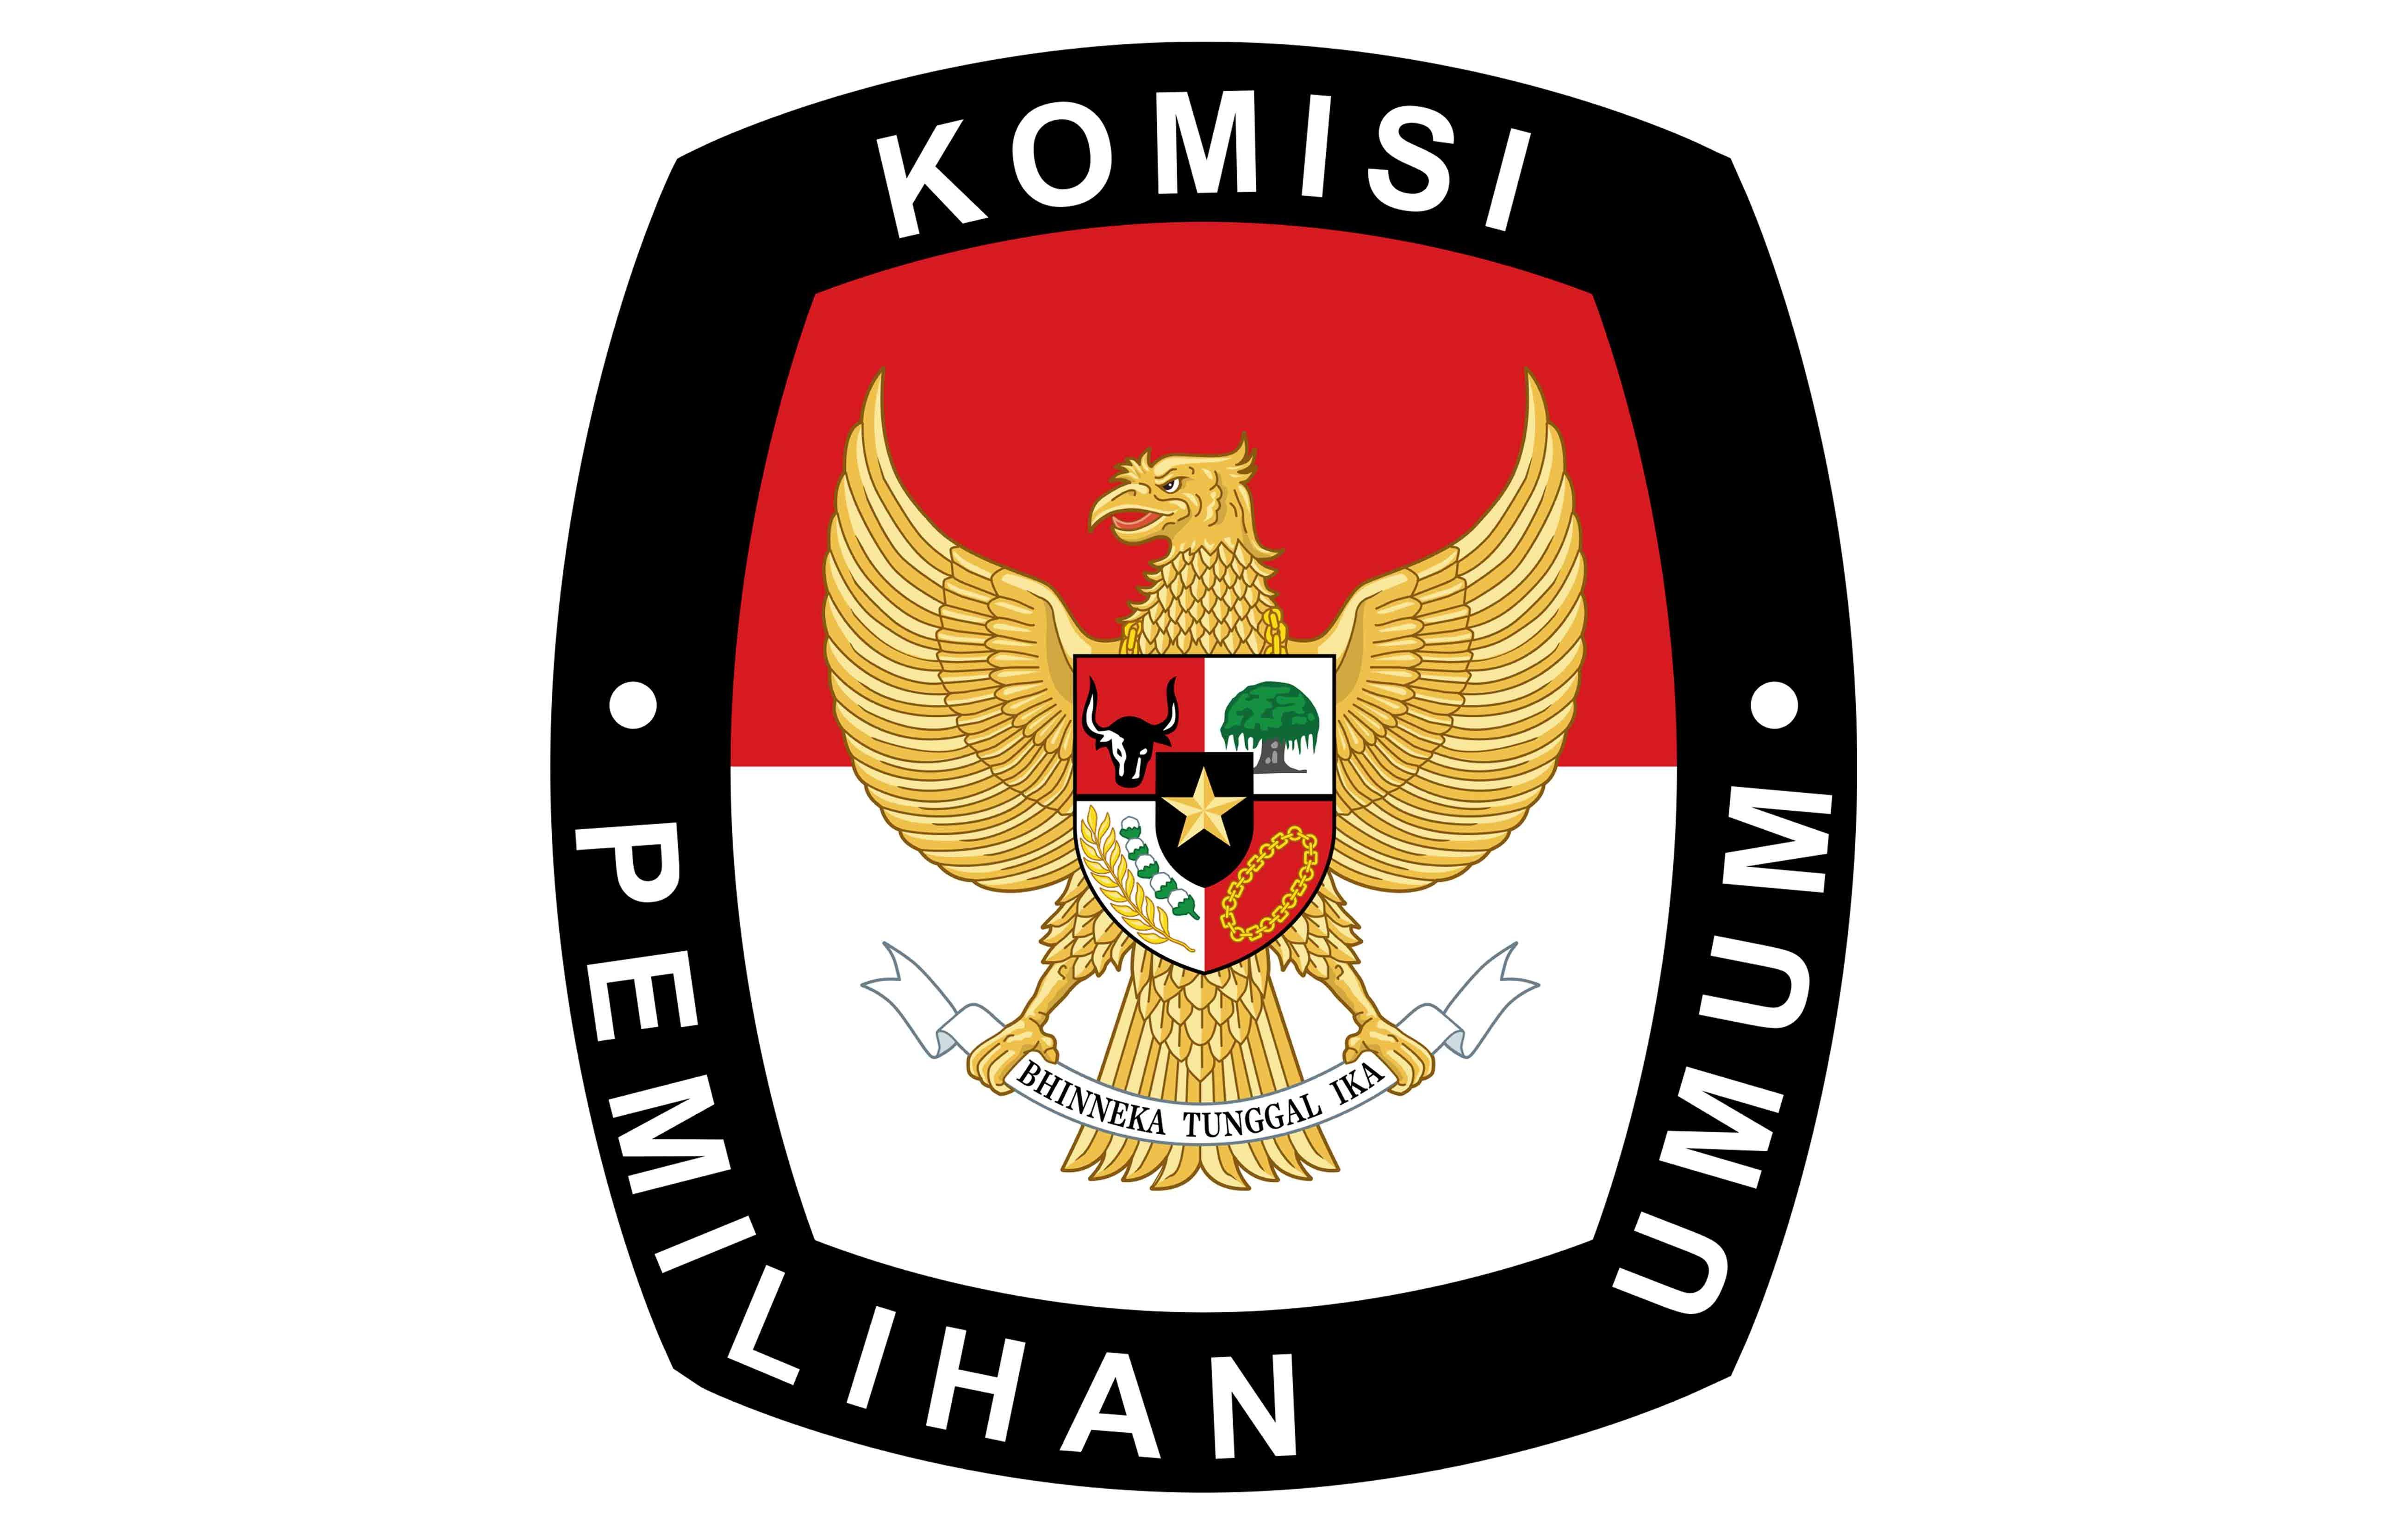 Busana Primus Pelantikan Dpr 2022 Image Num 21